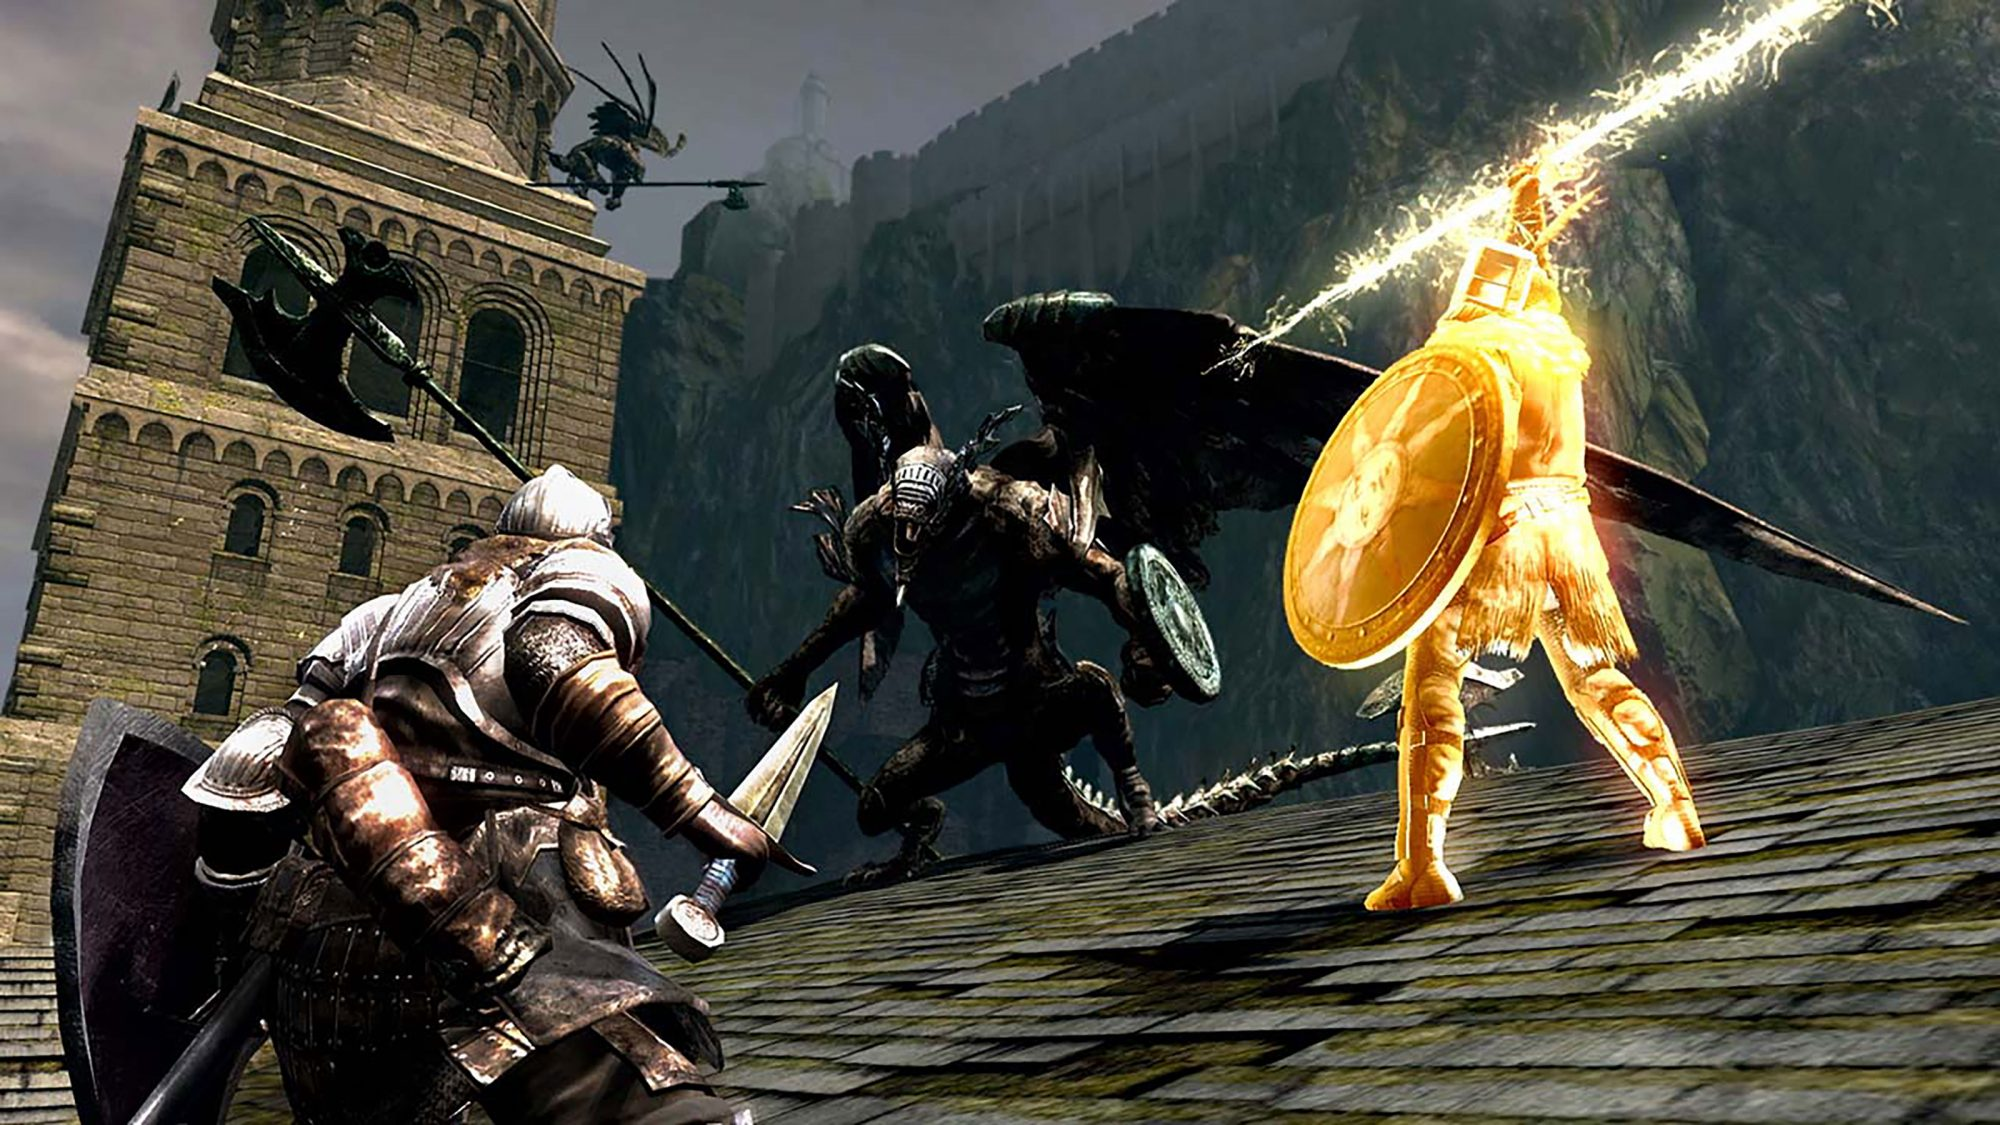 Dark Souls (Bandai Namco)